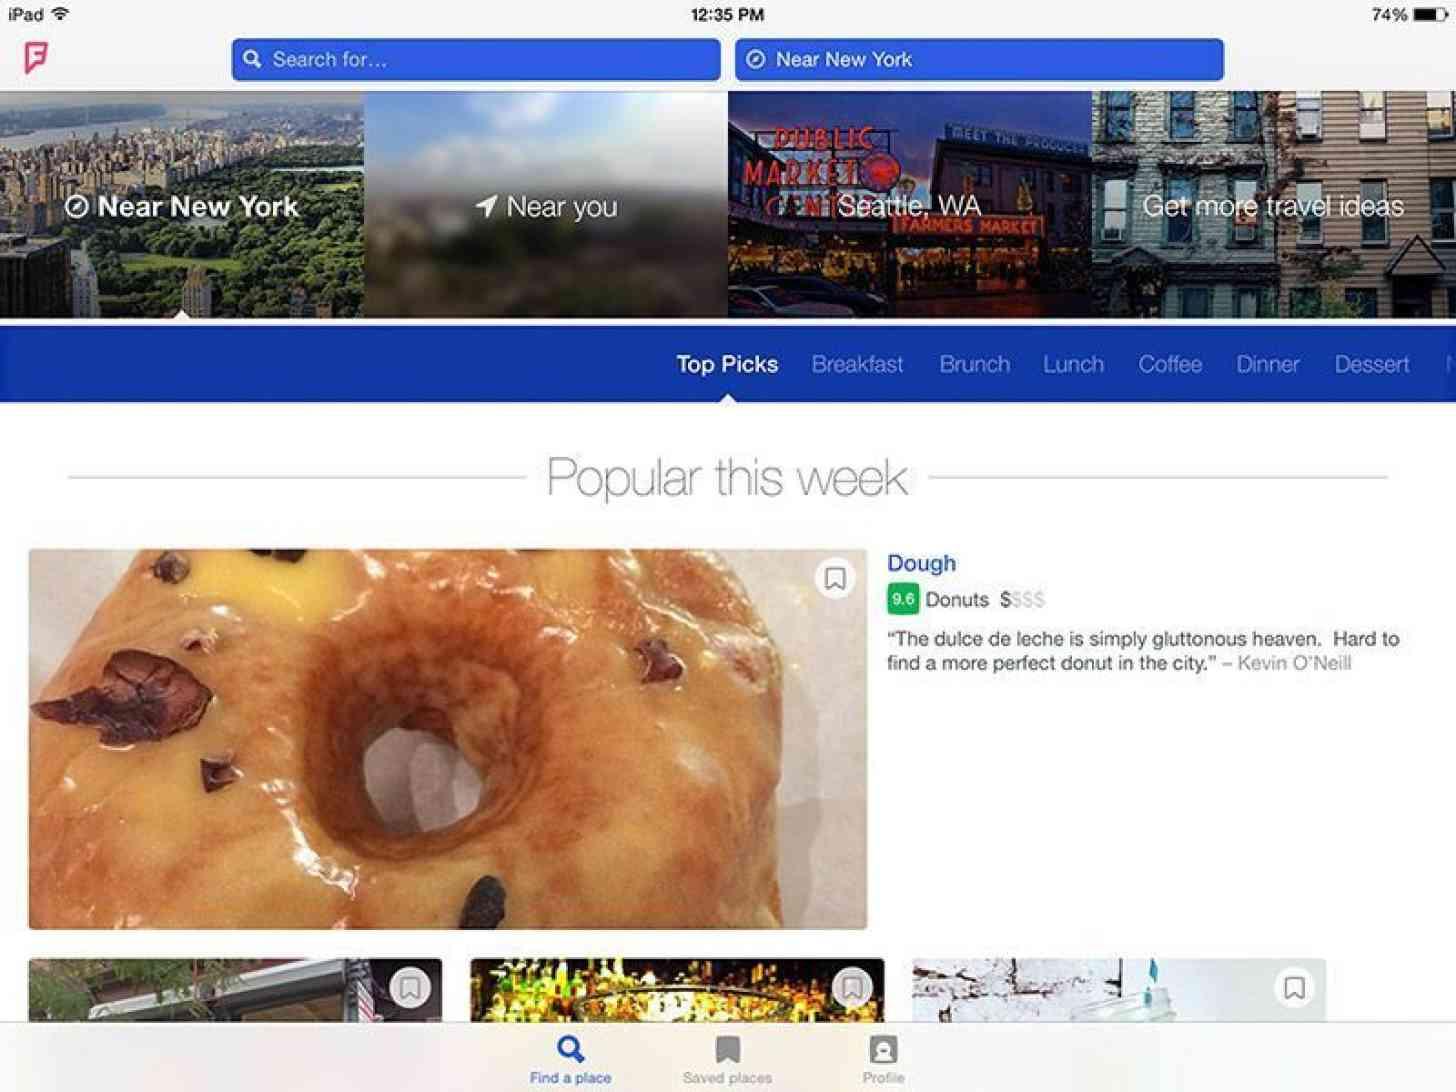 Foursquare for iPad